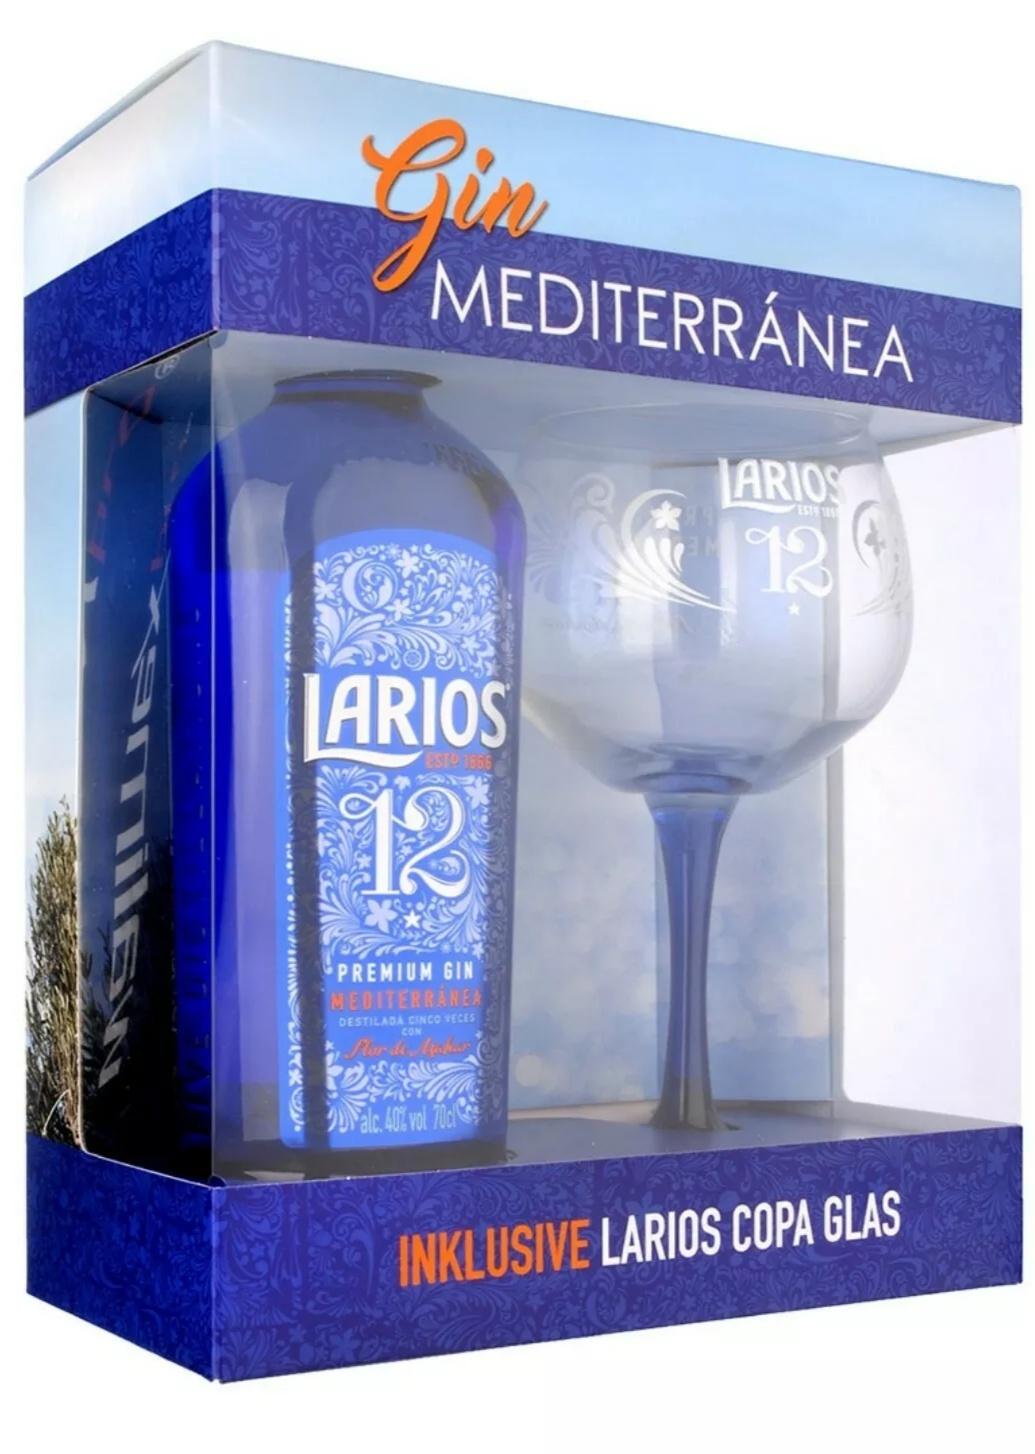 Larios 12 Gin (auch Rosé) ¦ 0,7l 40% + Copa Glas bei [Kaufland]